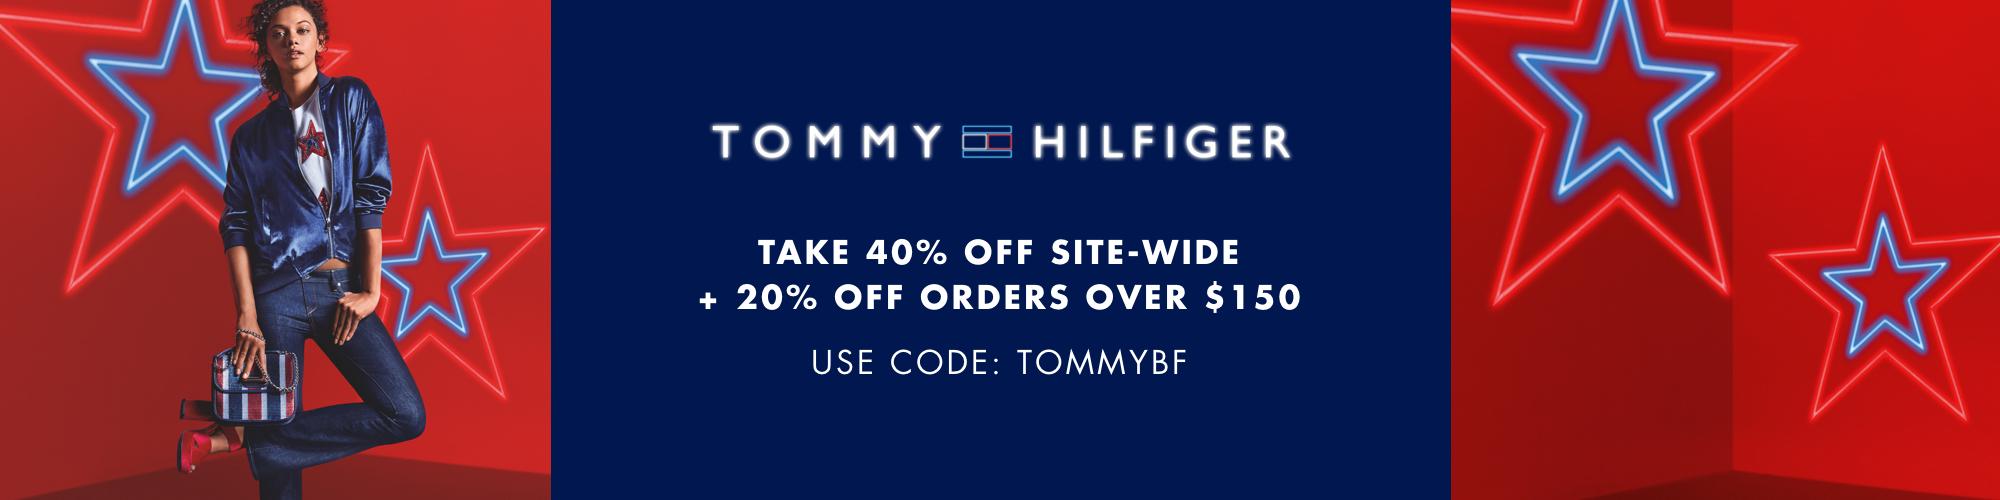 Tommy Hilfiger Black Friday Ads